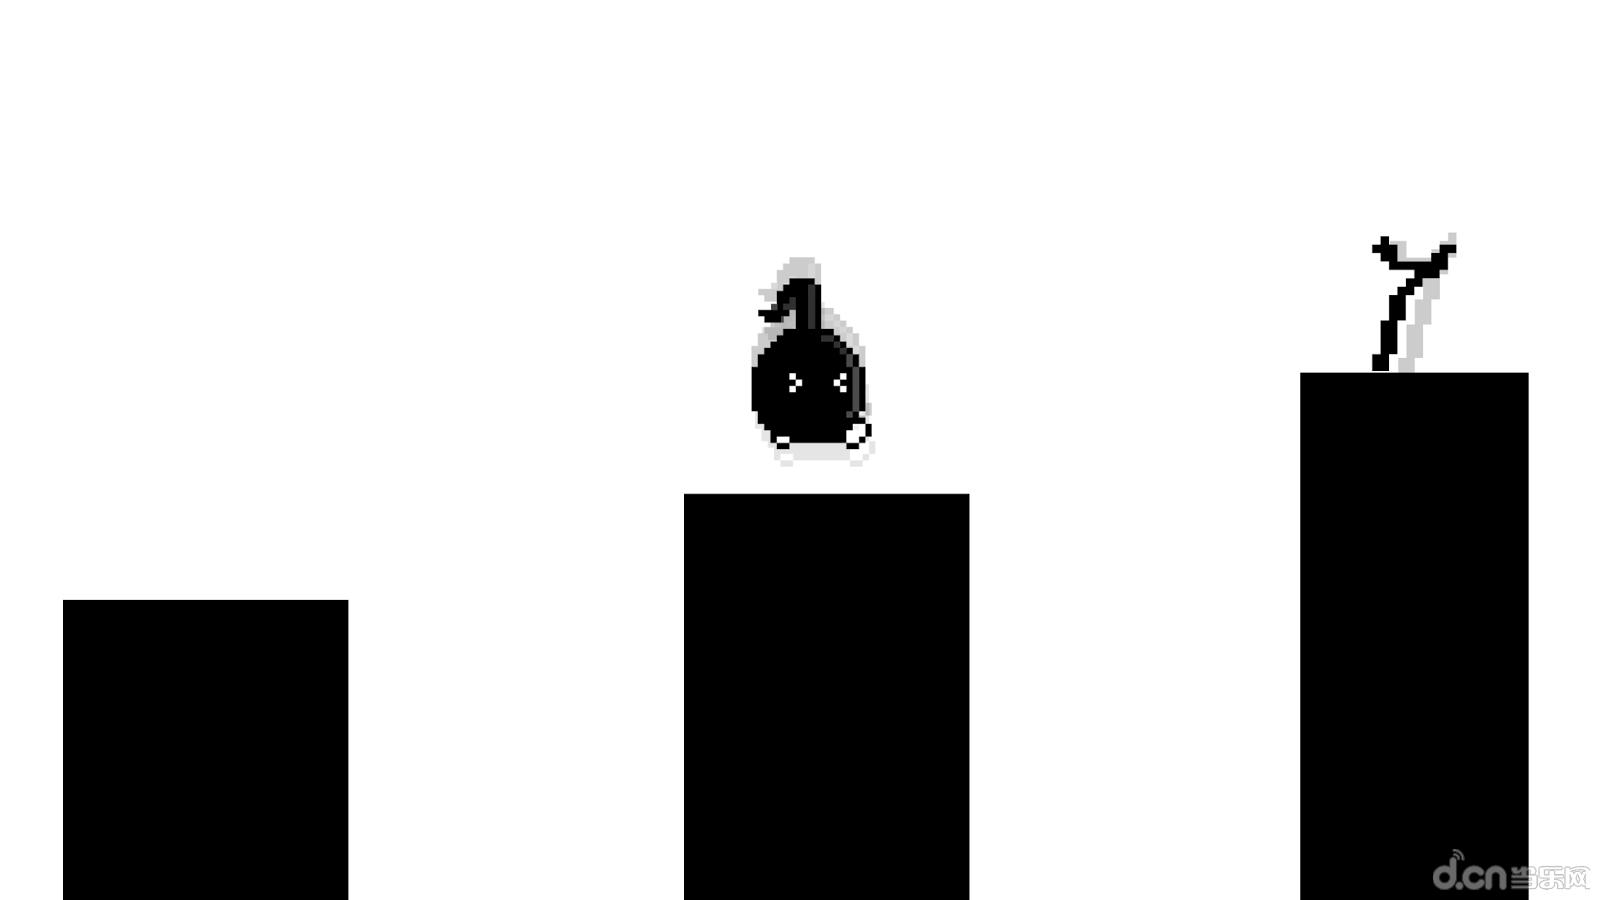 简单玩法---- 呆萌的八分音符酱要在黑白像素世界展开一次神奇的